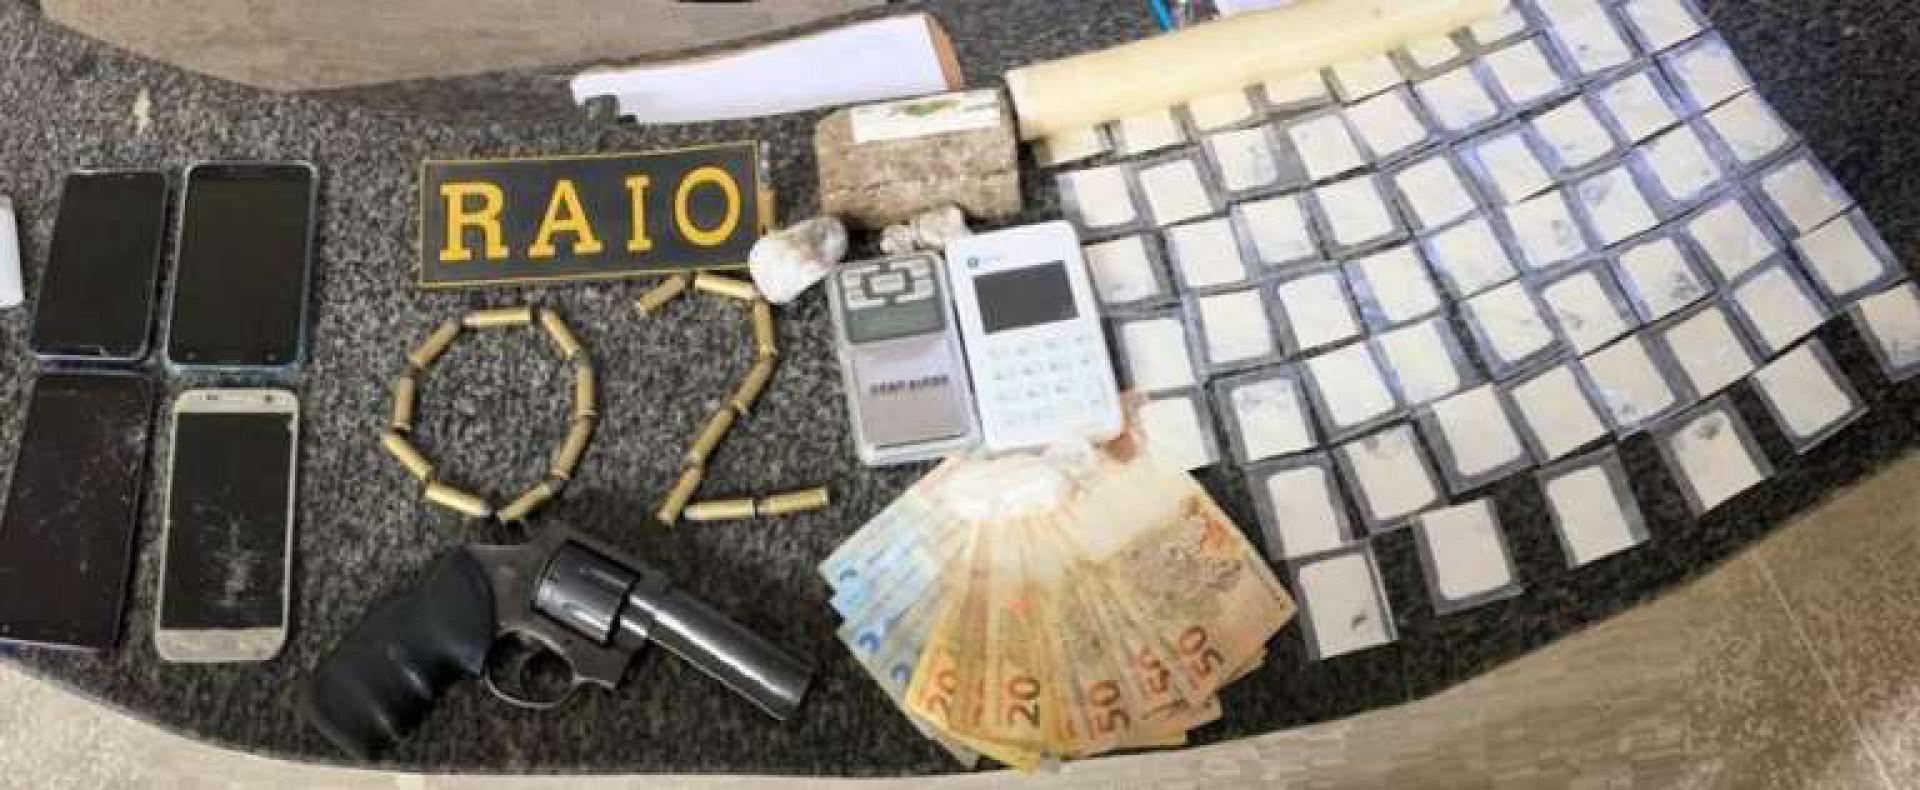 Dois homens foram presos em flagrantes por tráfico de drogas em Limoeiro do Norte